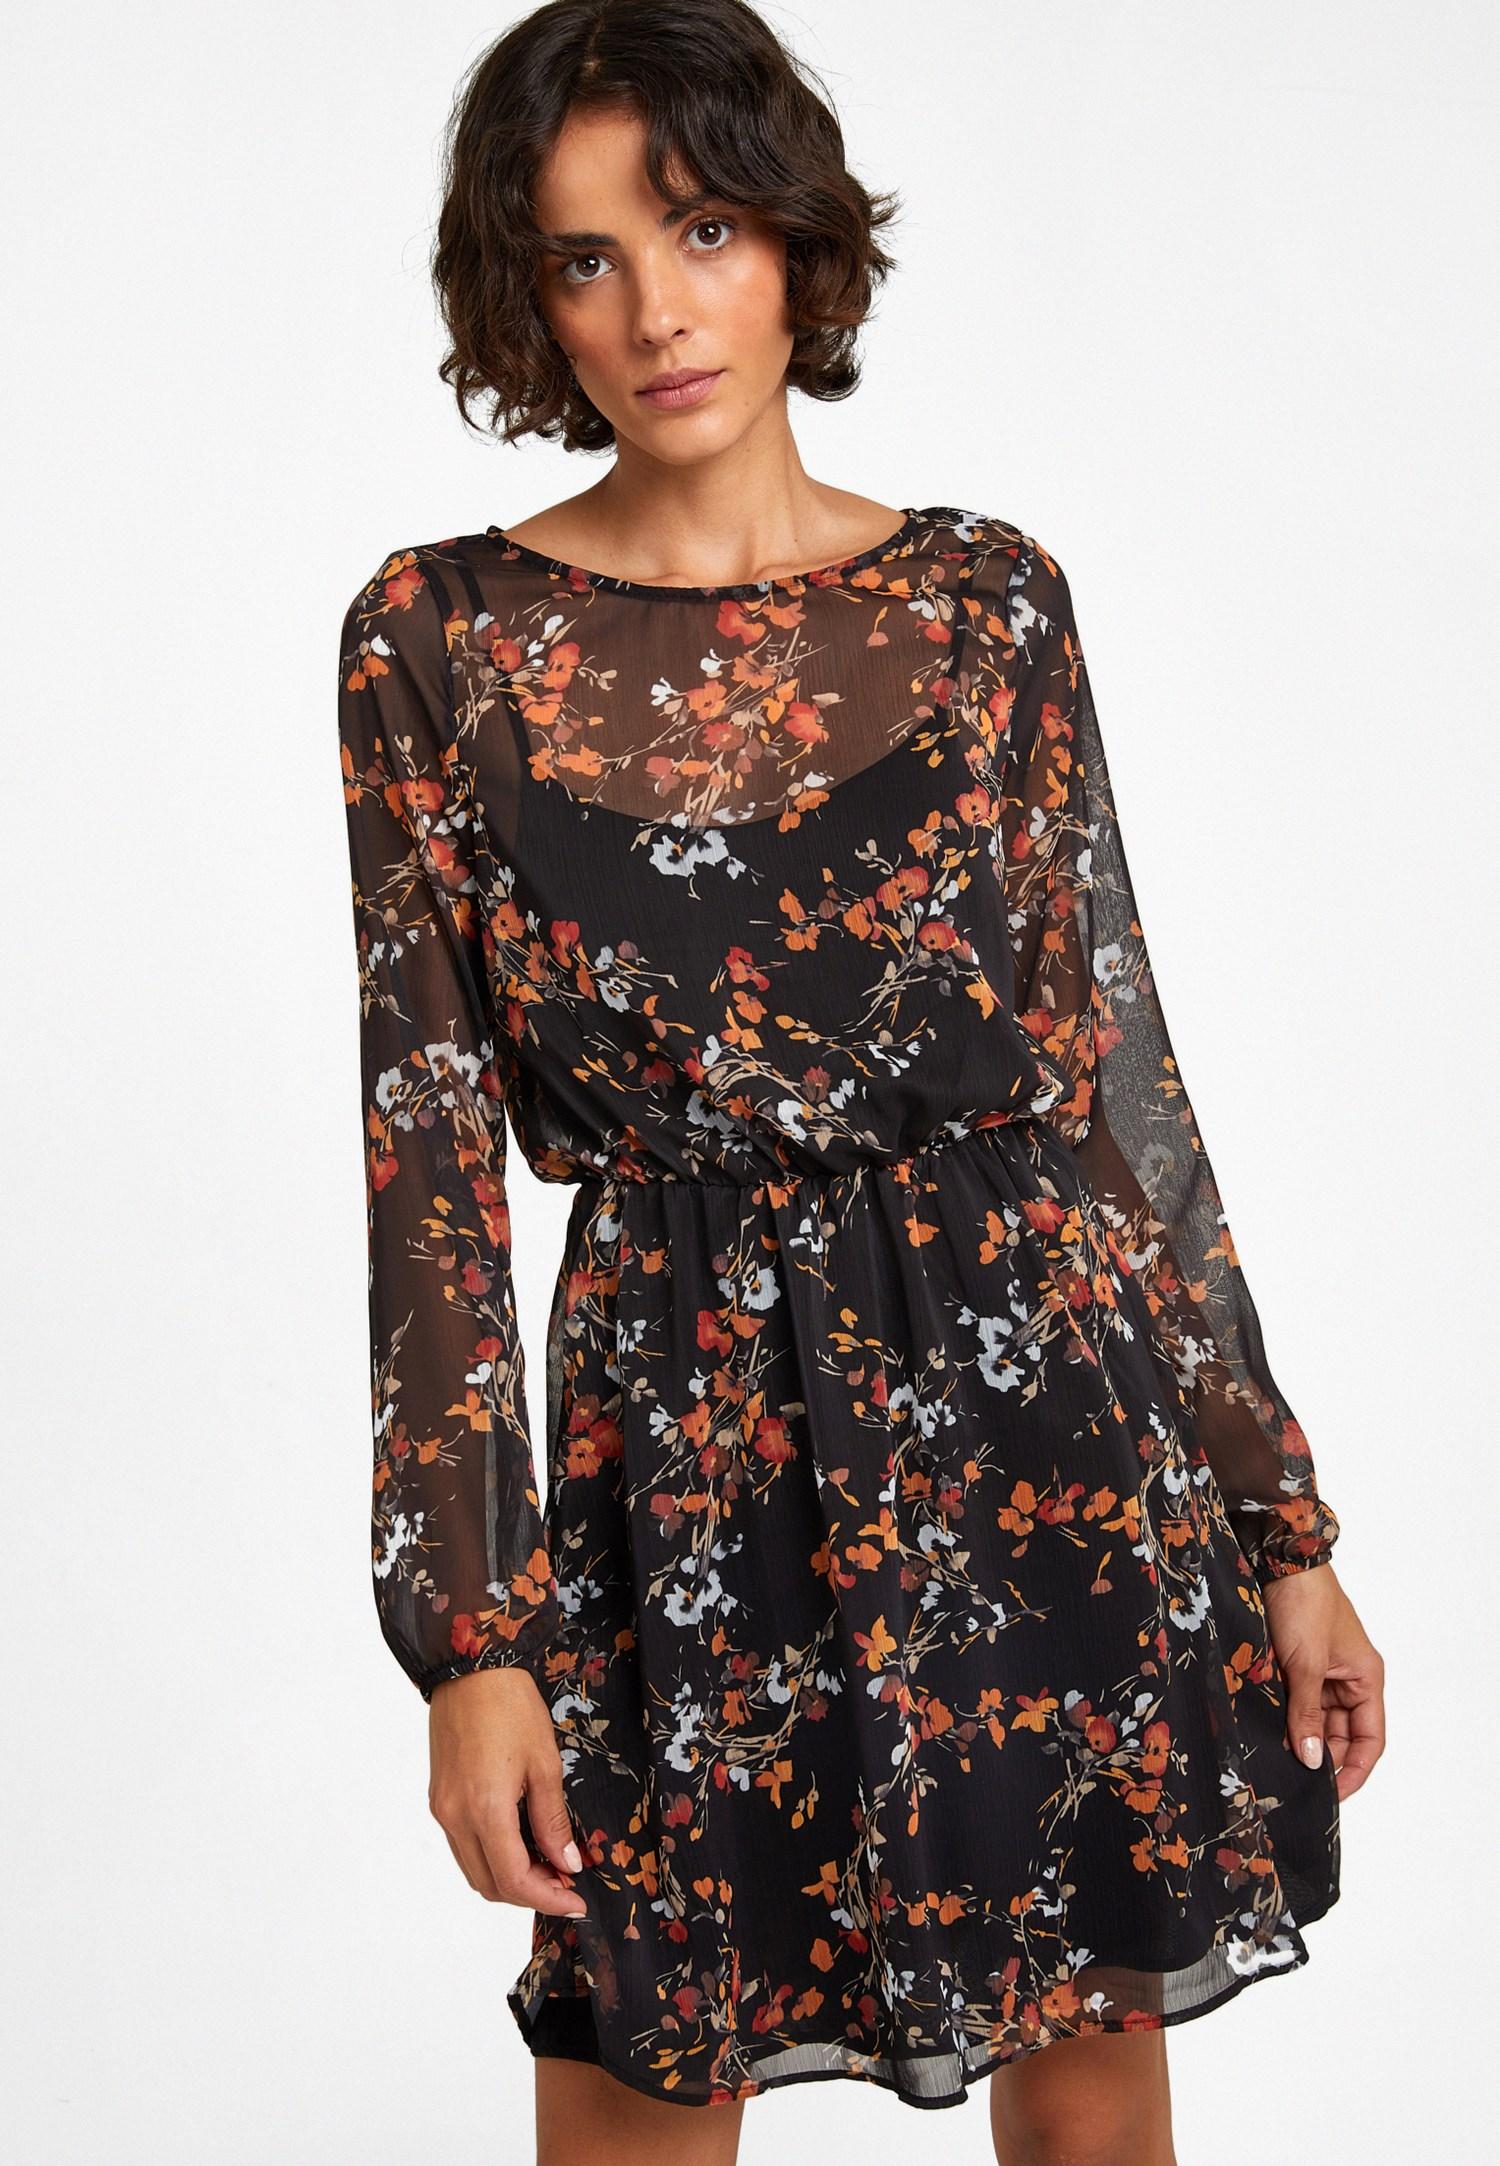 Bayan Çok Renkli Çiçek Desenli Mini Elbise